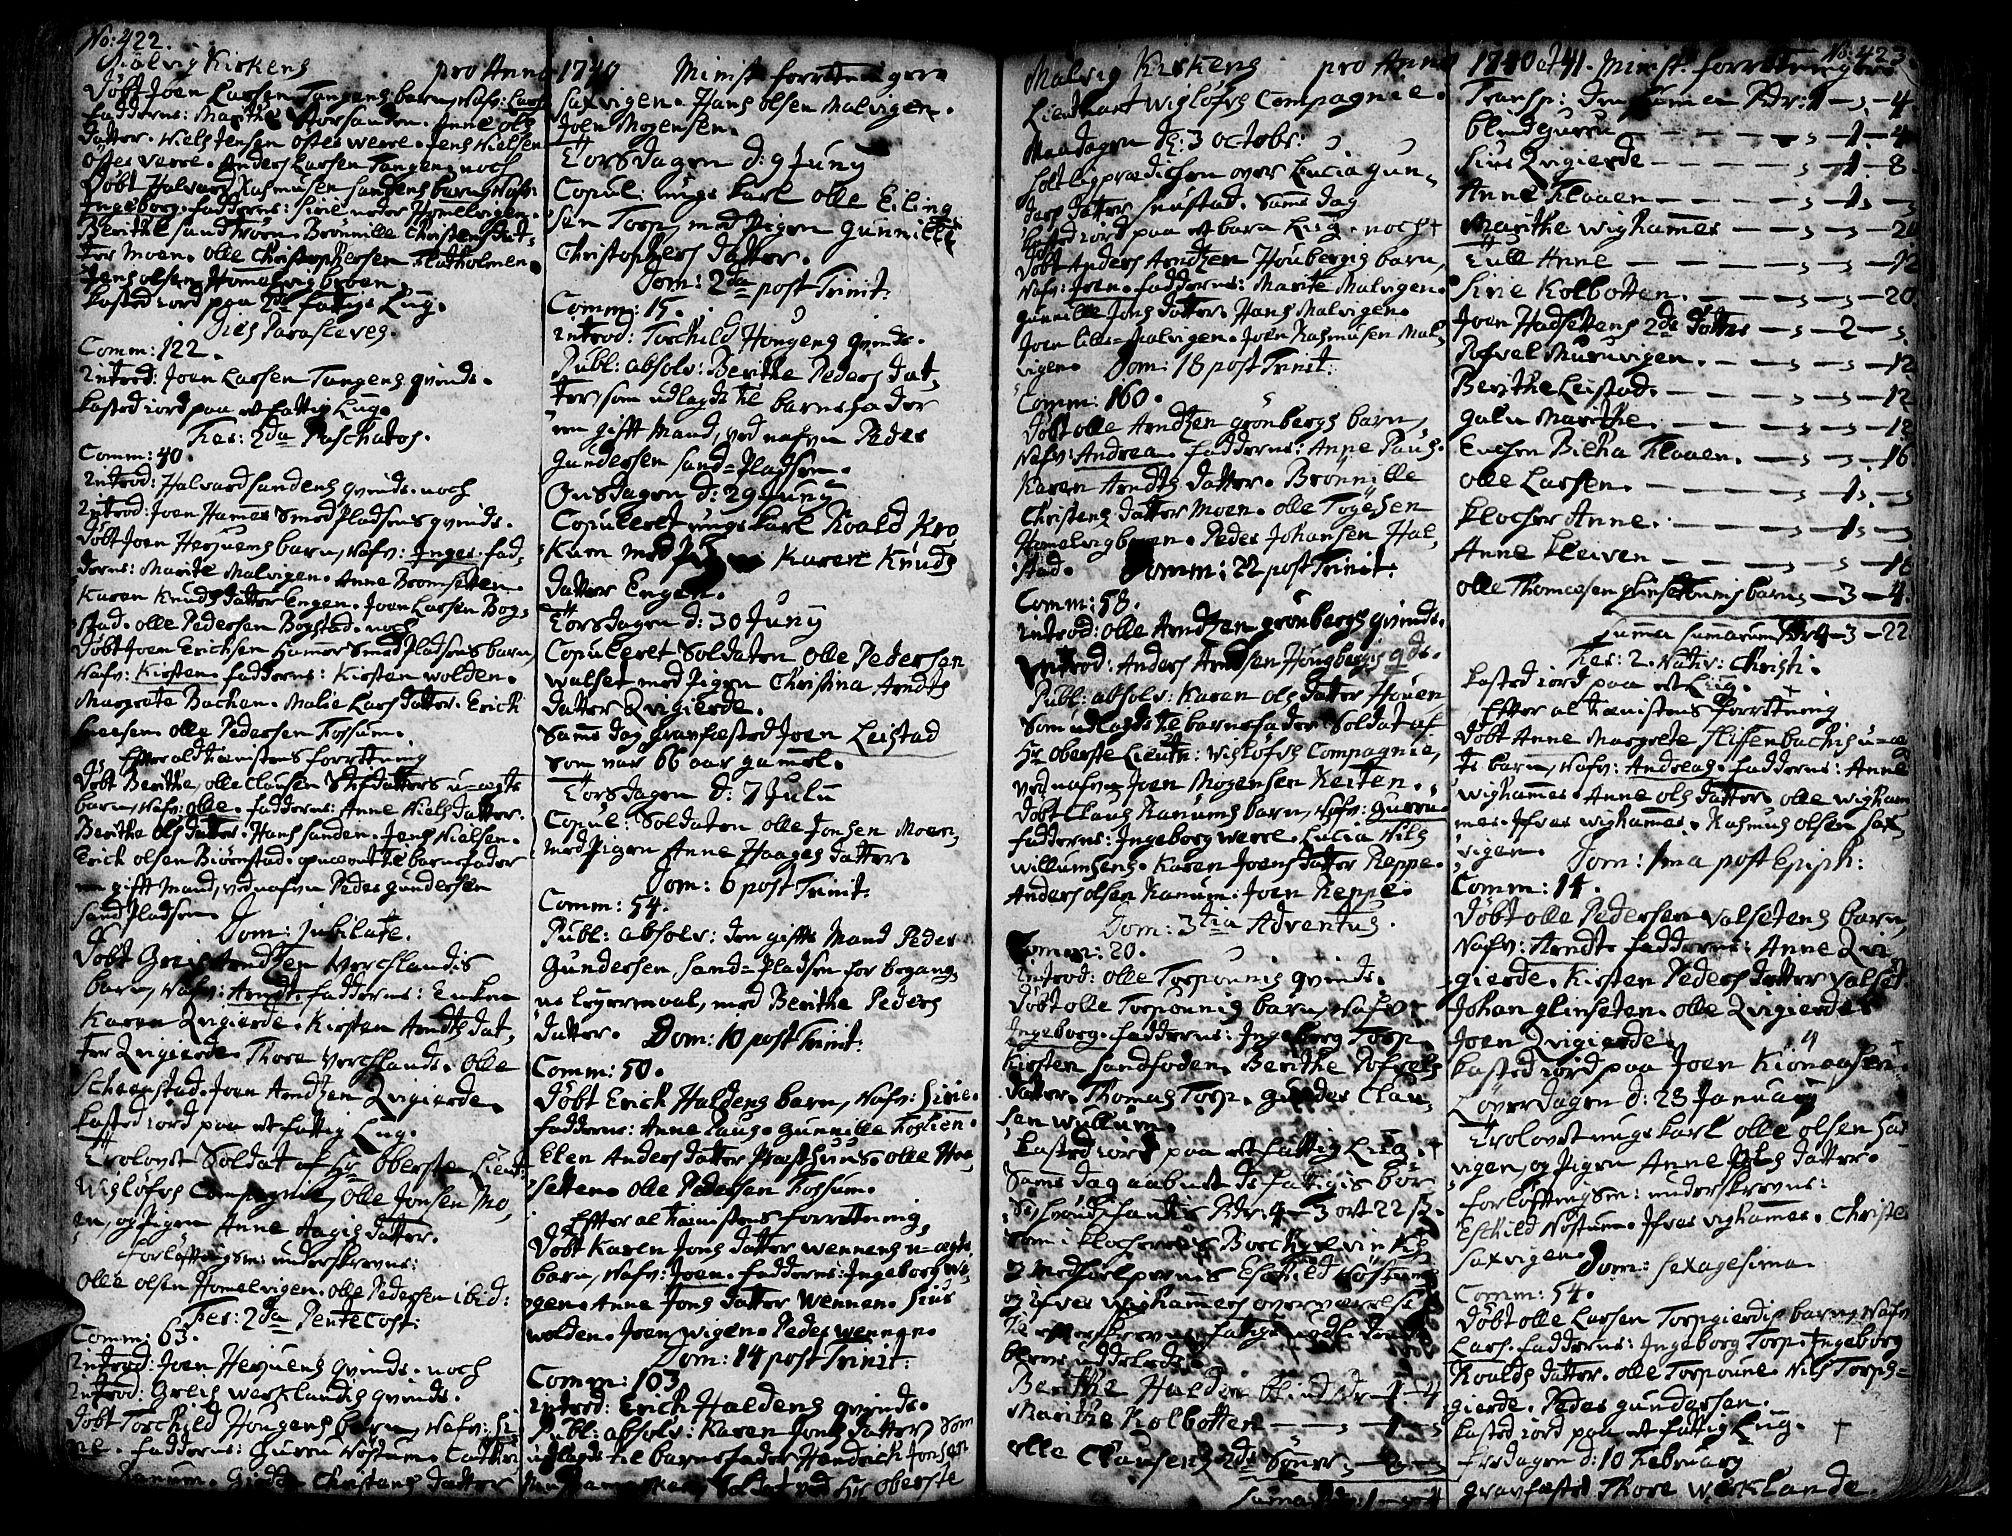 SAT, Ministerialprotokoller, klokkerbøker og fødselsregistre - Sør-Trøndelag, 606/L0277: Ministerialbok nr. 606A01 /3, 1727-1780, s. 422-423